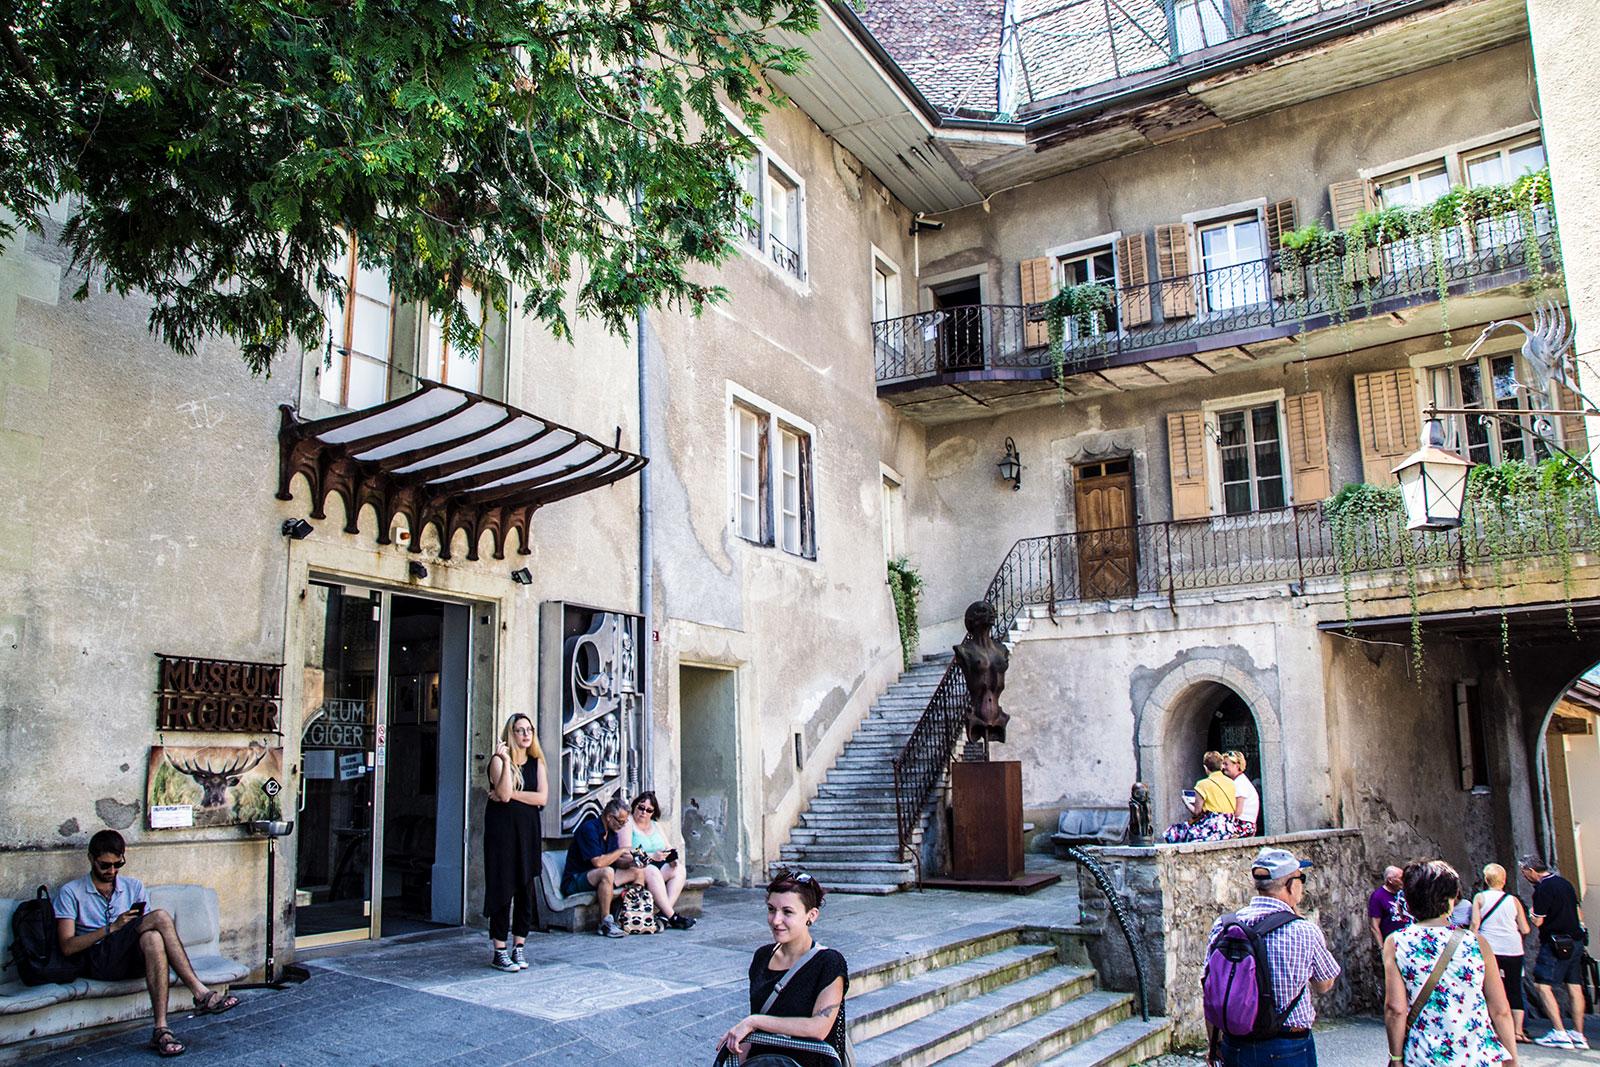 Museo HR Giger - qué ver en Gruyères